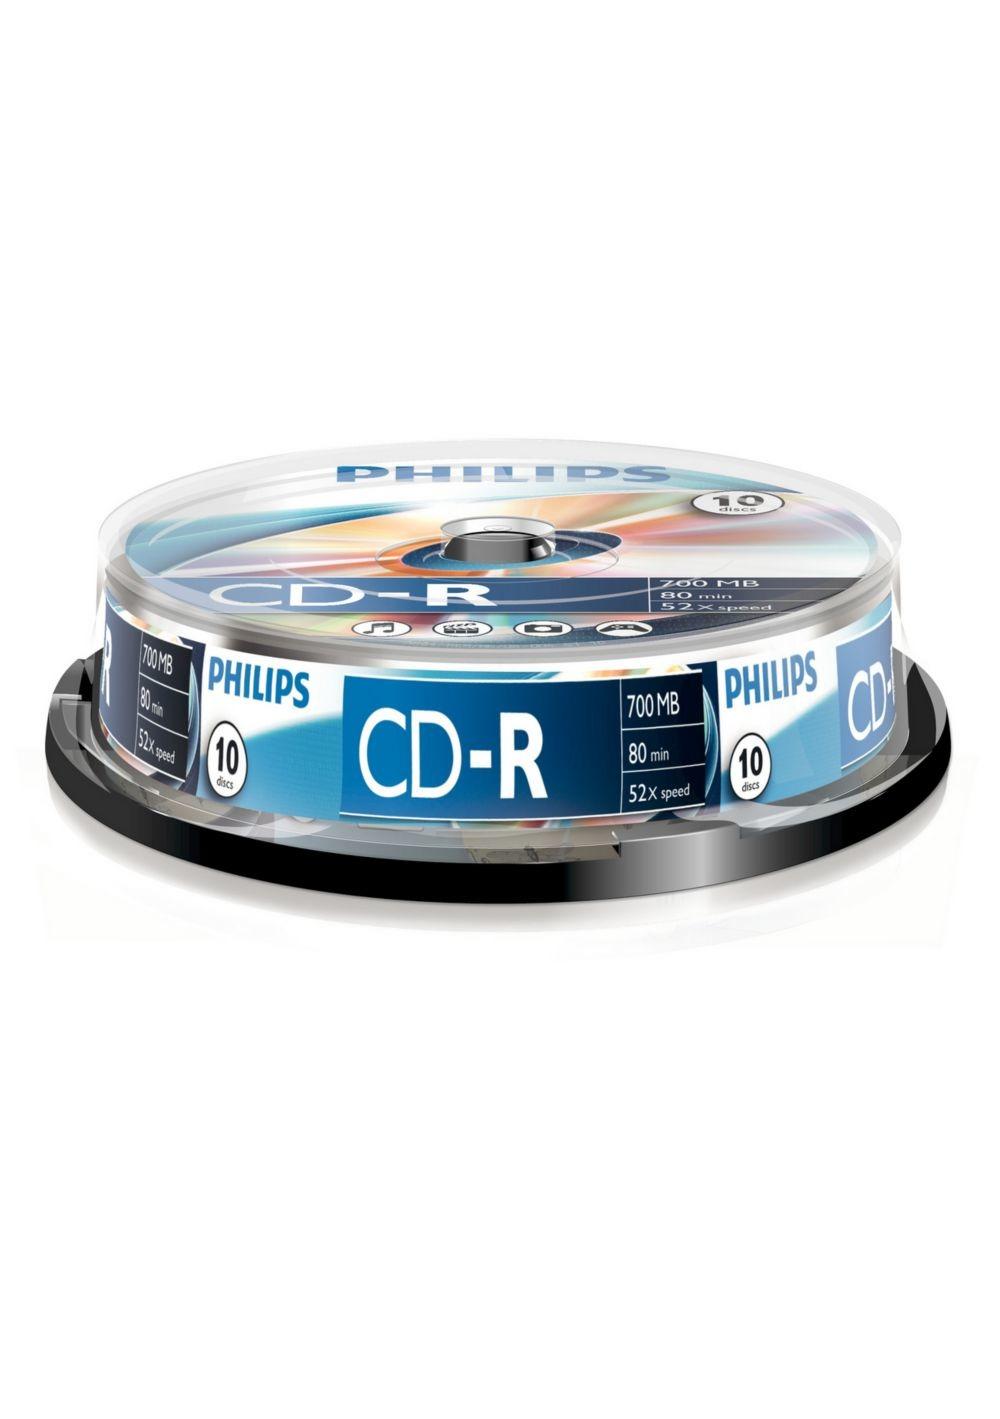 Op Perfect LCD is alles over algemeen te vinden: waaronder expert en specifiek Philips CR7D5NB10/00 cd recording